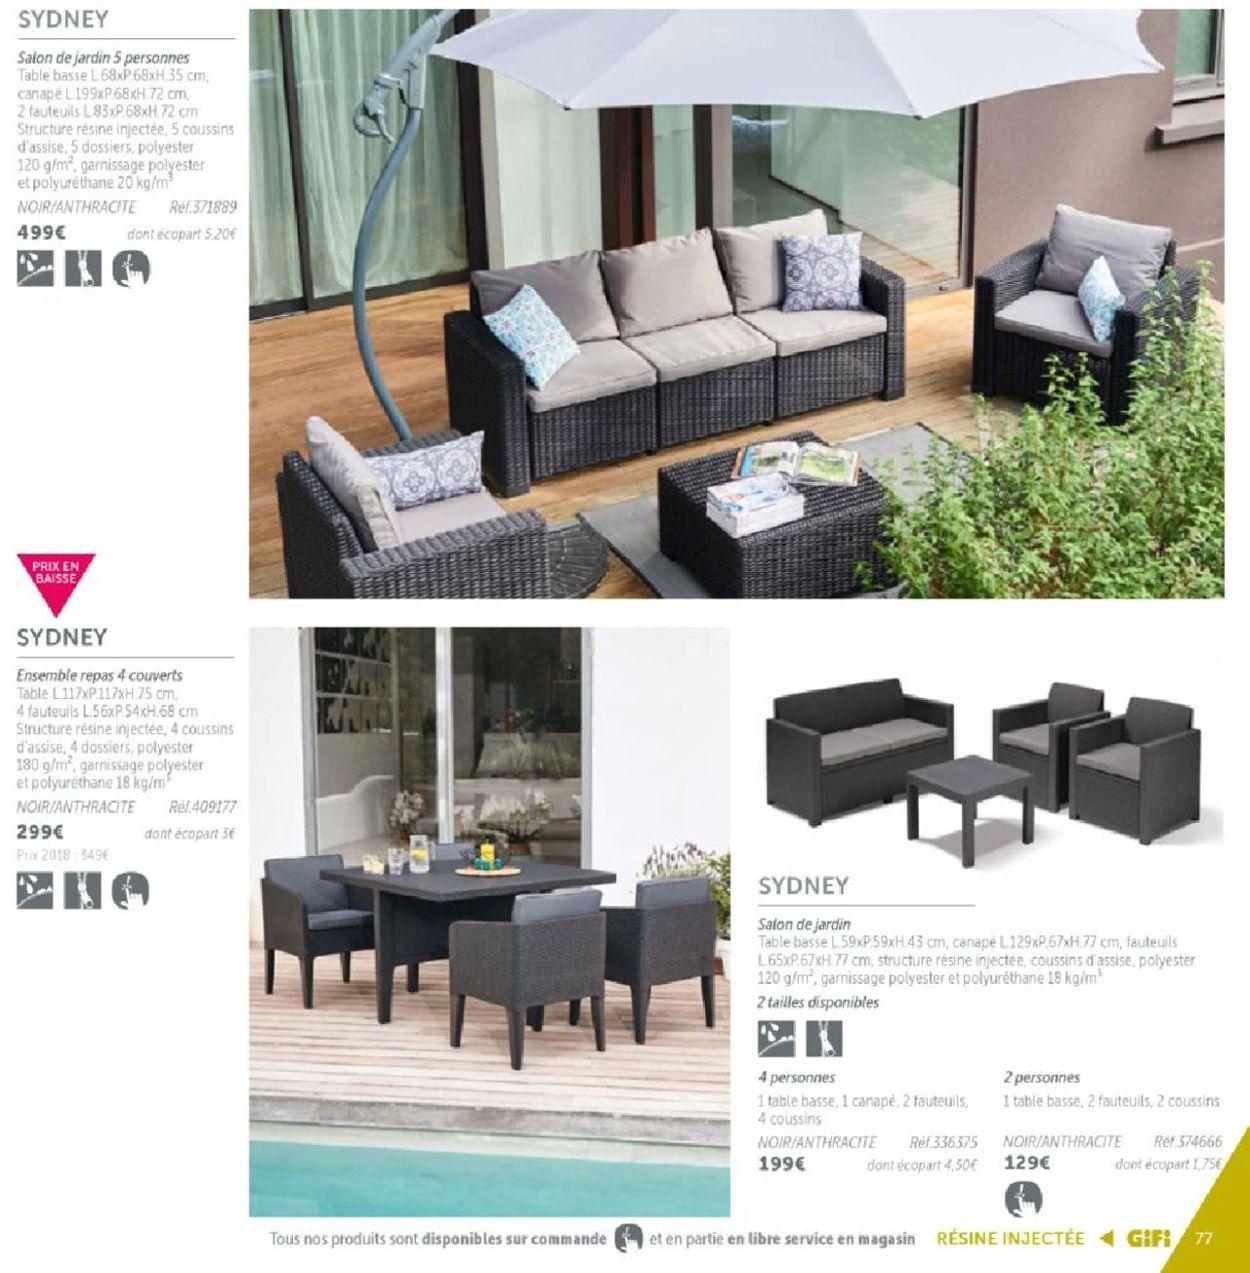 Gifi Catalogue Actuel 14.03 - 31.12.2019 [77] - Catalogue-24 concernant Catalogue Gifi Salon De Jardin